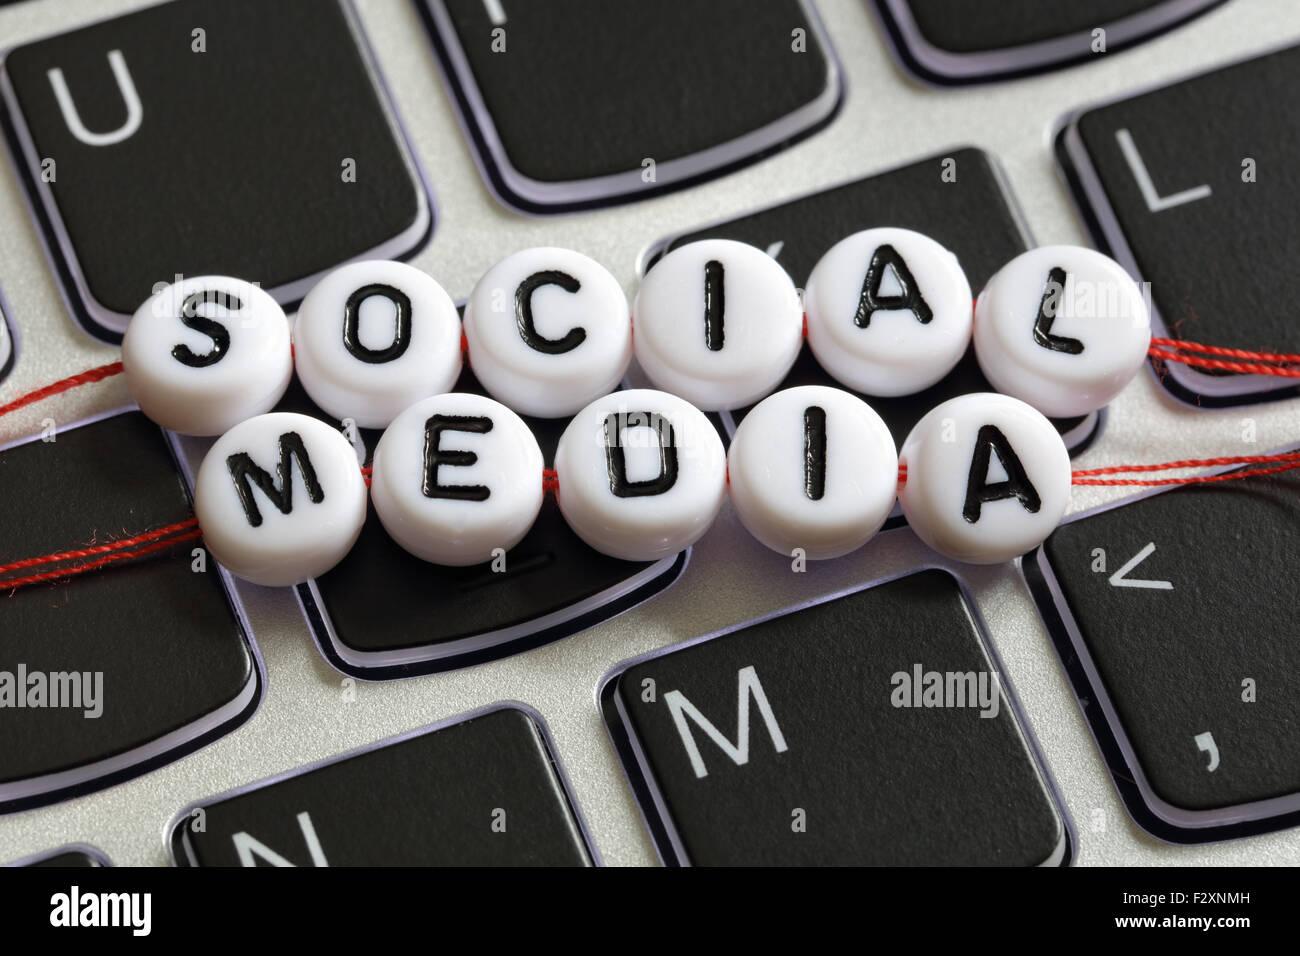 Sociale dei media Immagini Stock